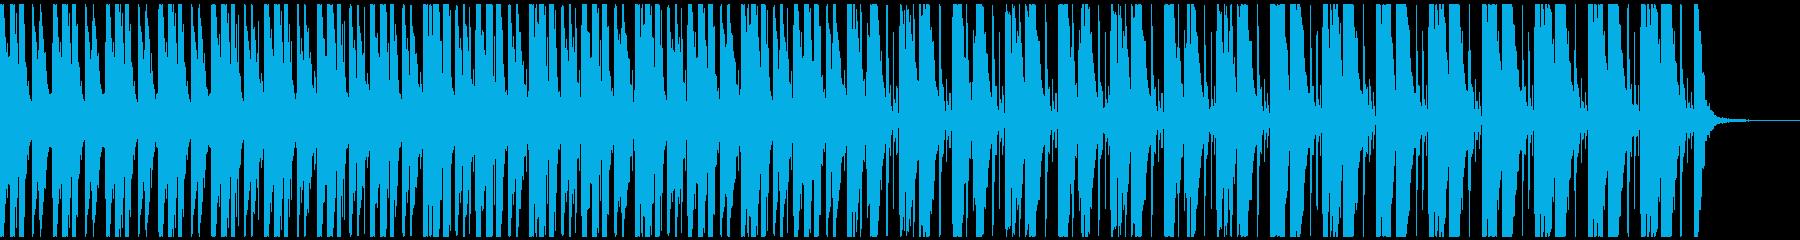 攻撃的で先進的な大迫力パーカッション曲の再生済みの波形